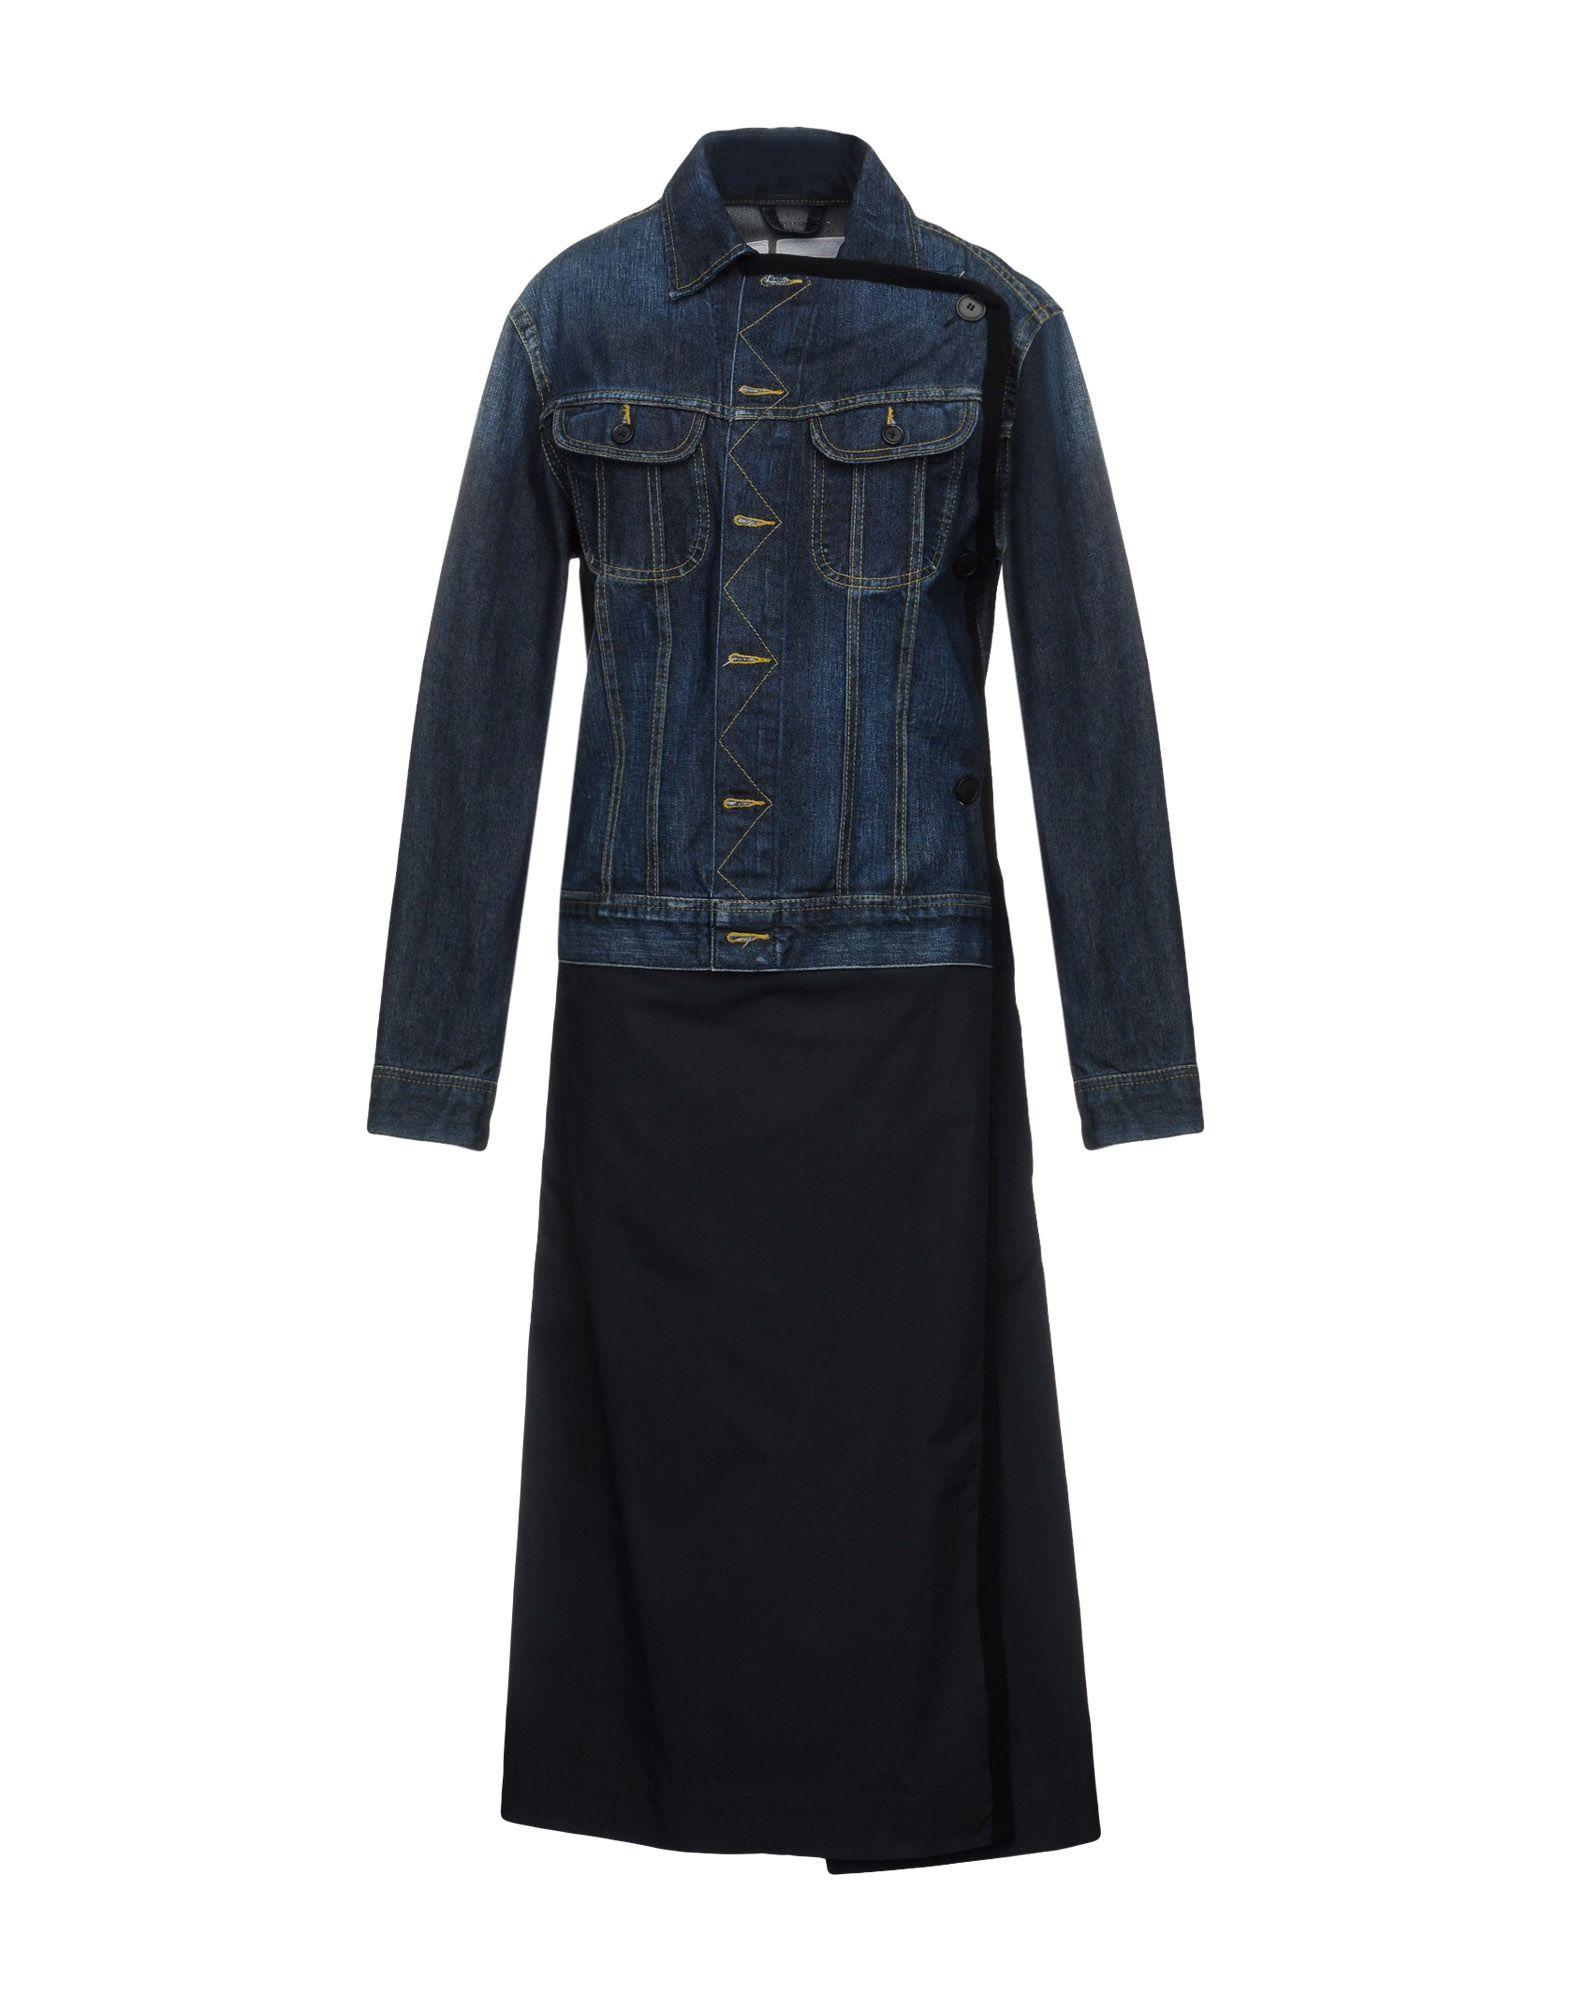 LUTZ HUELLE Denim Jacket in Blue